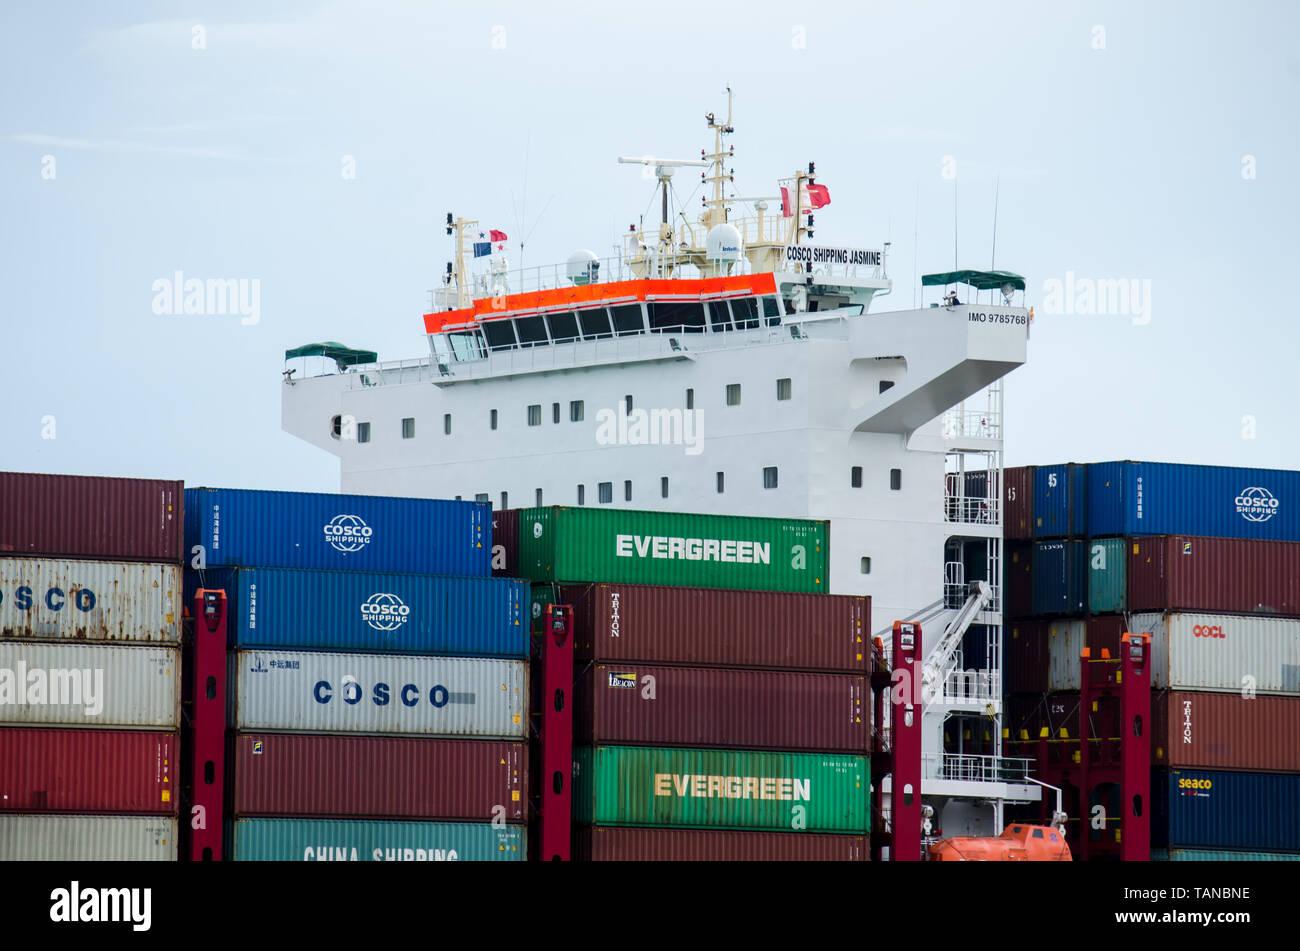 Cosco Shipping Stock Photos & Cosco Shipping Stock Images